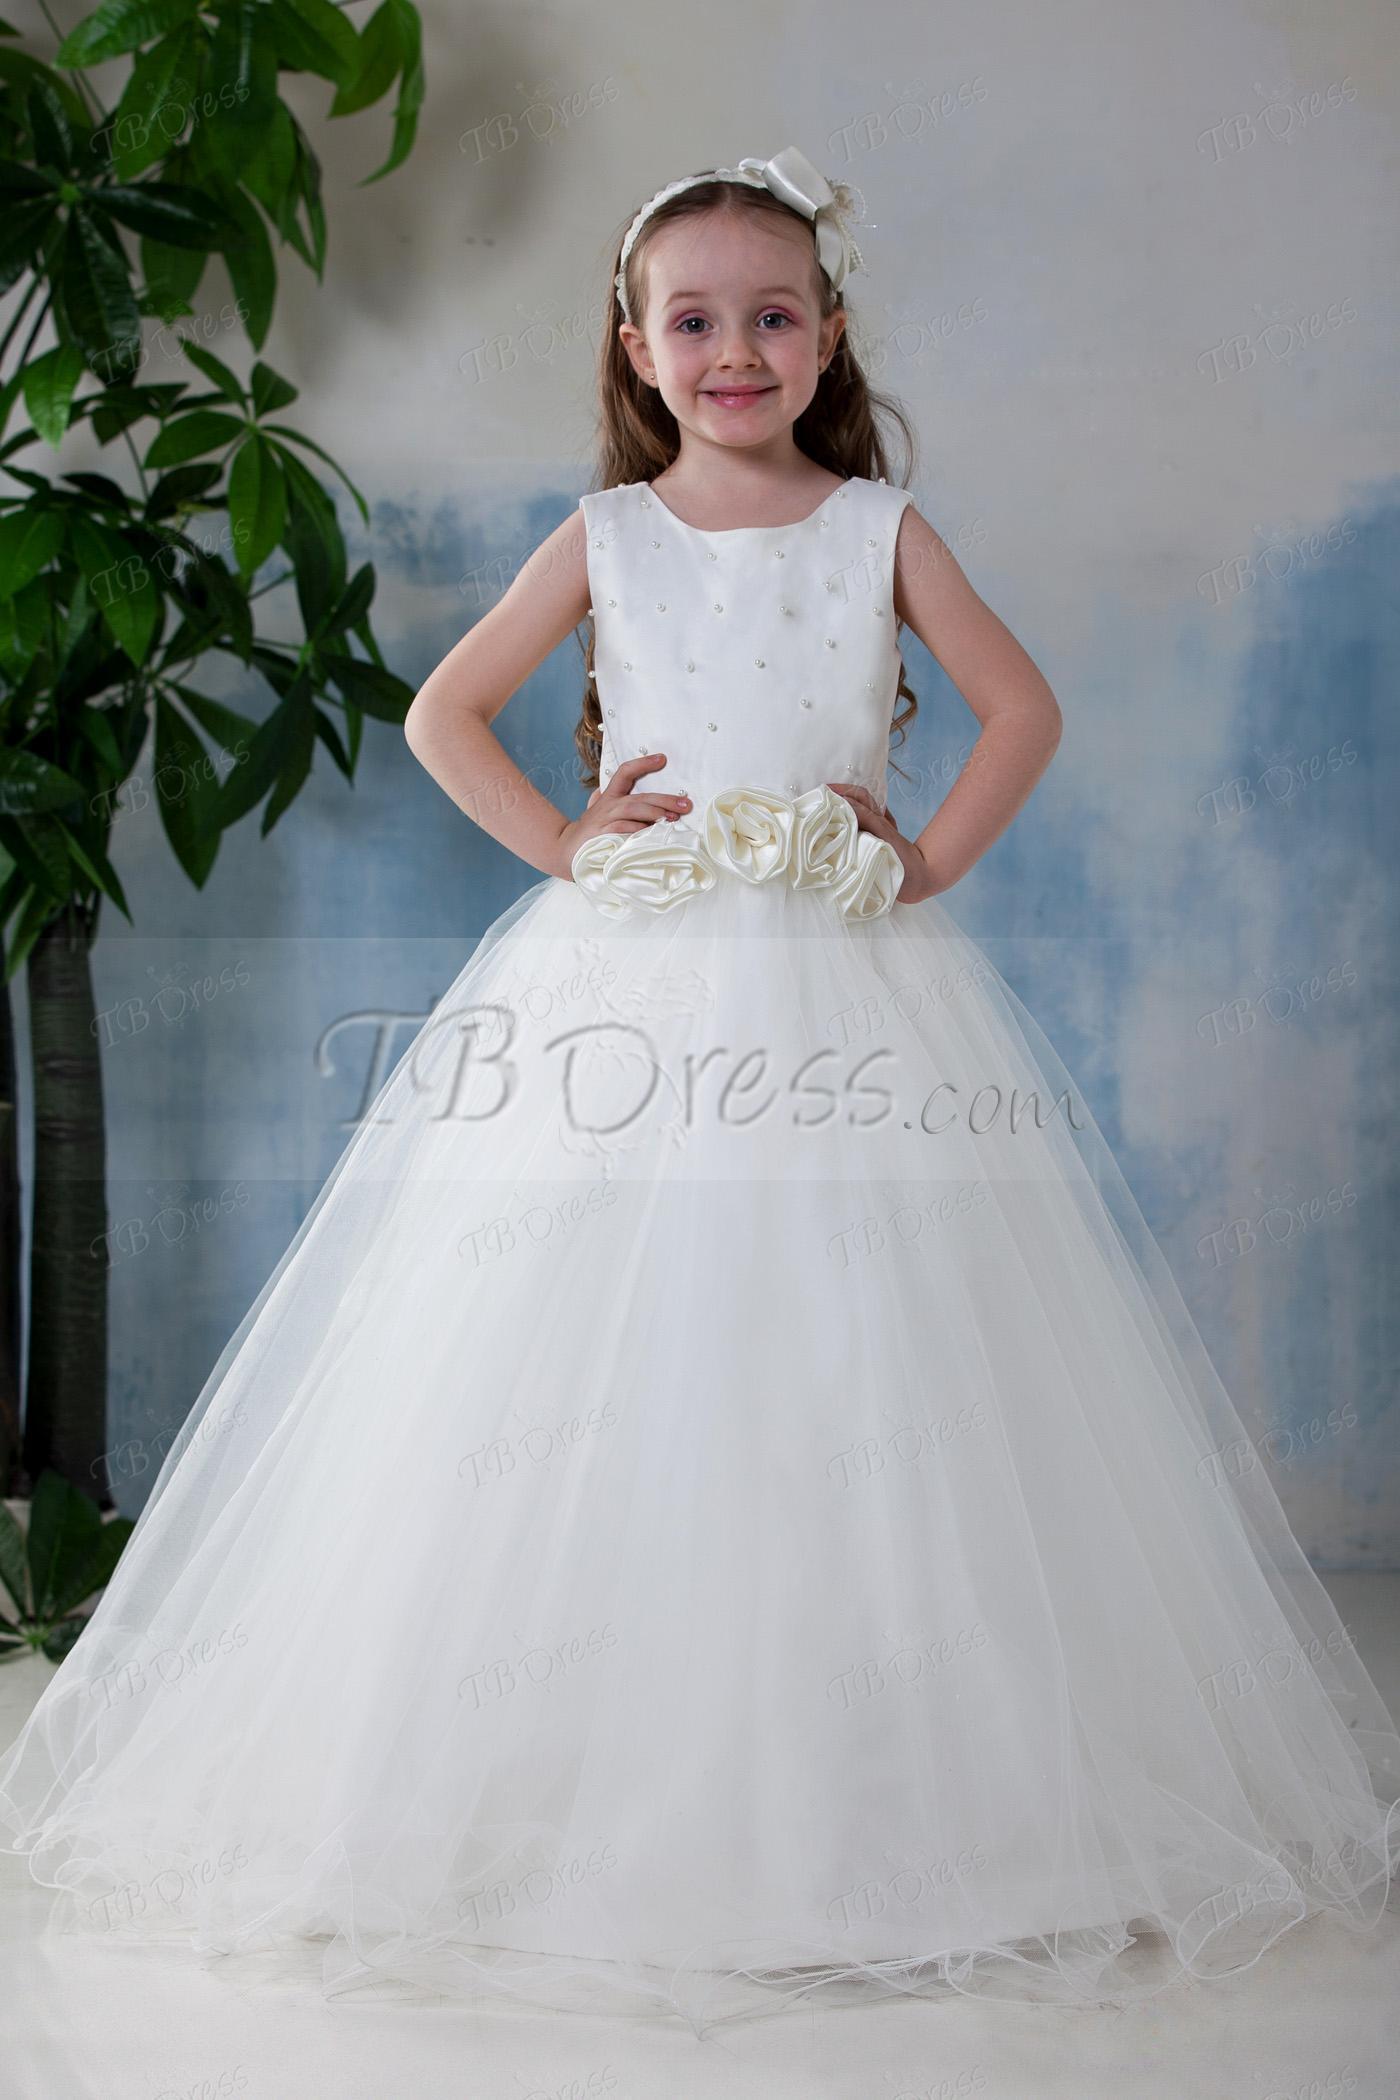 Flower Girl Dresses Singapore Online Wedding Dresses Online